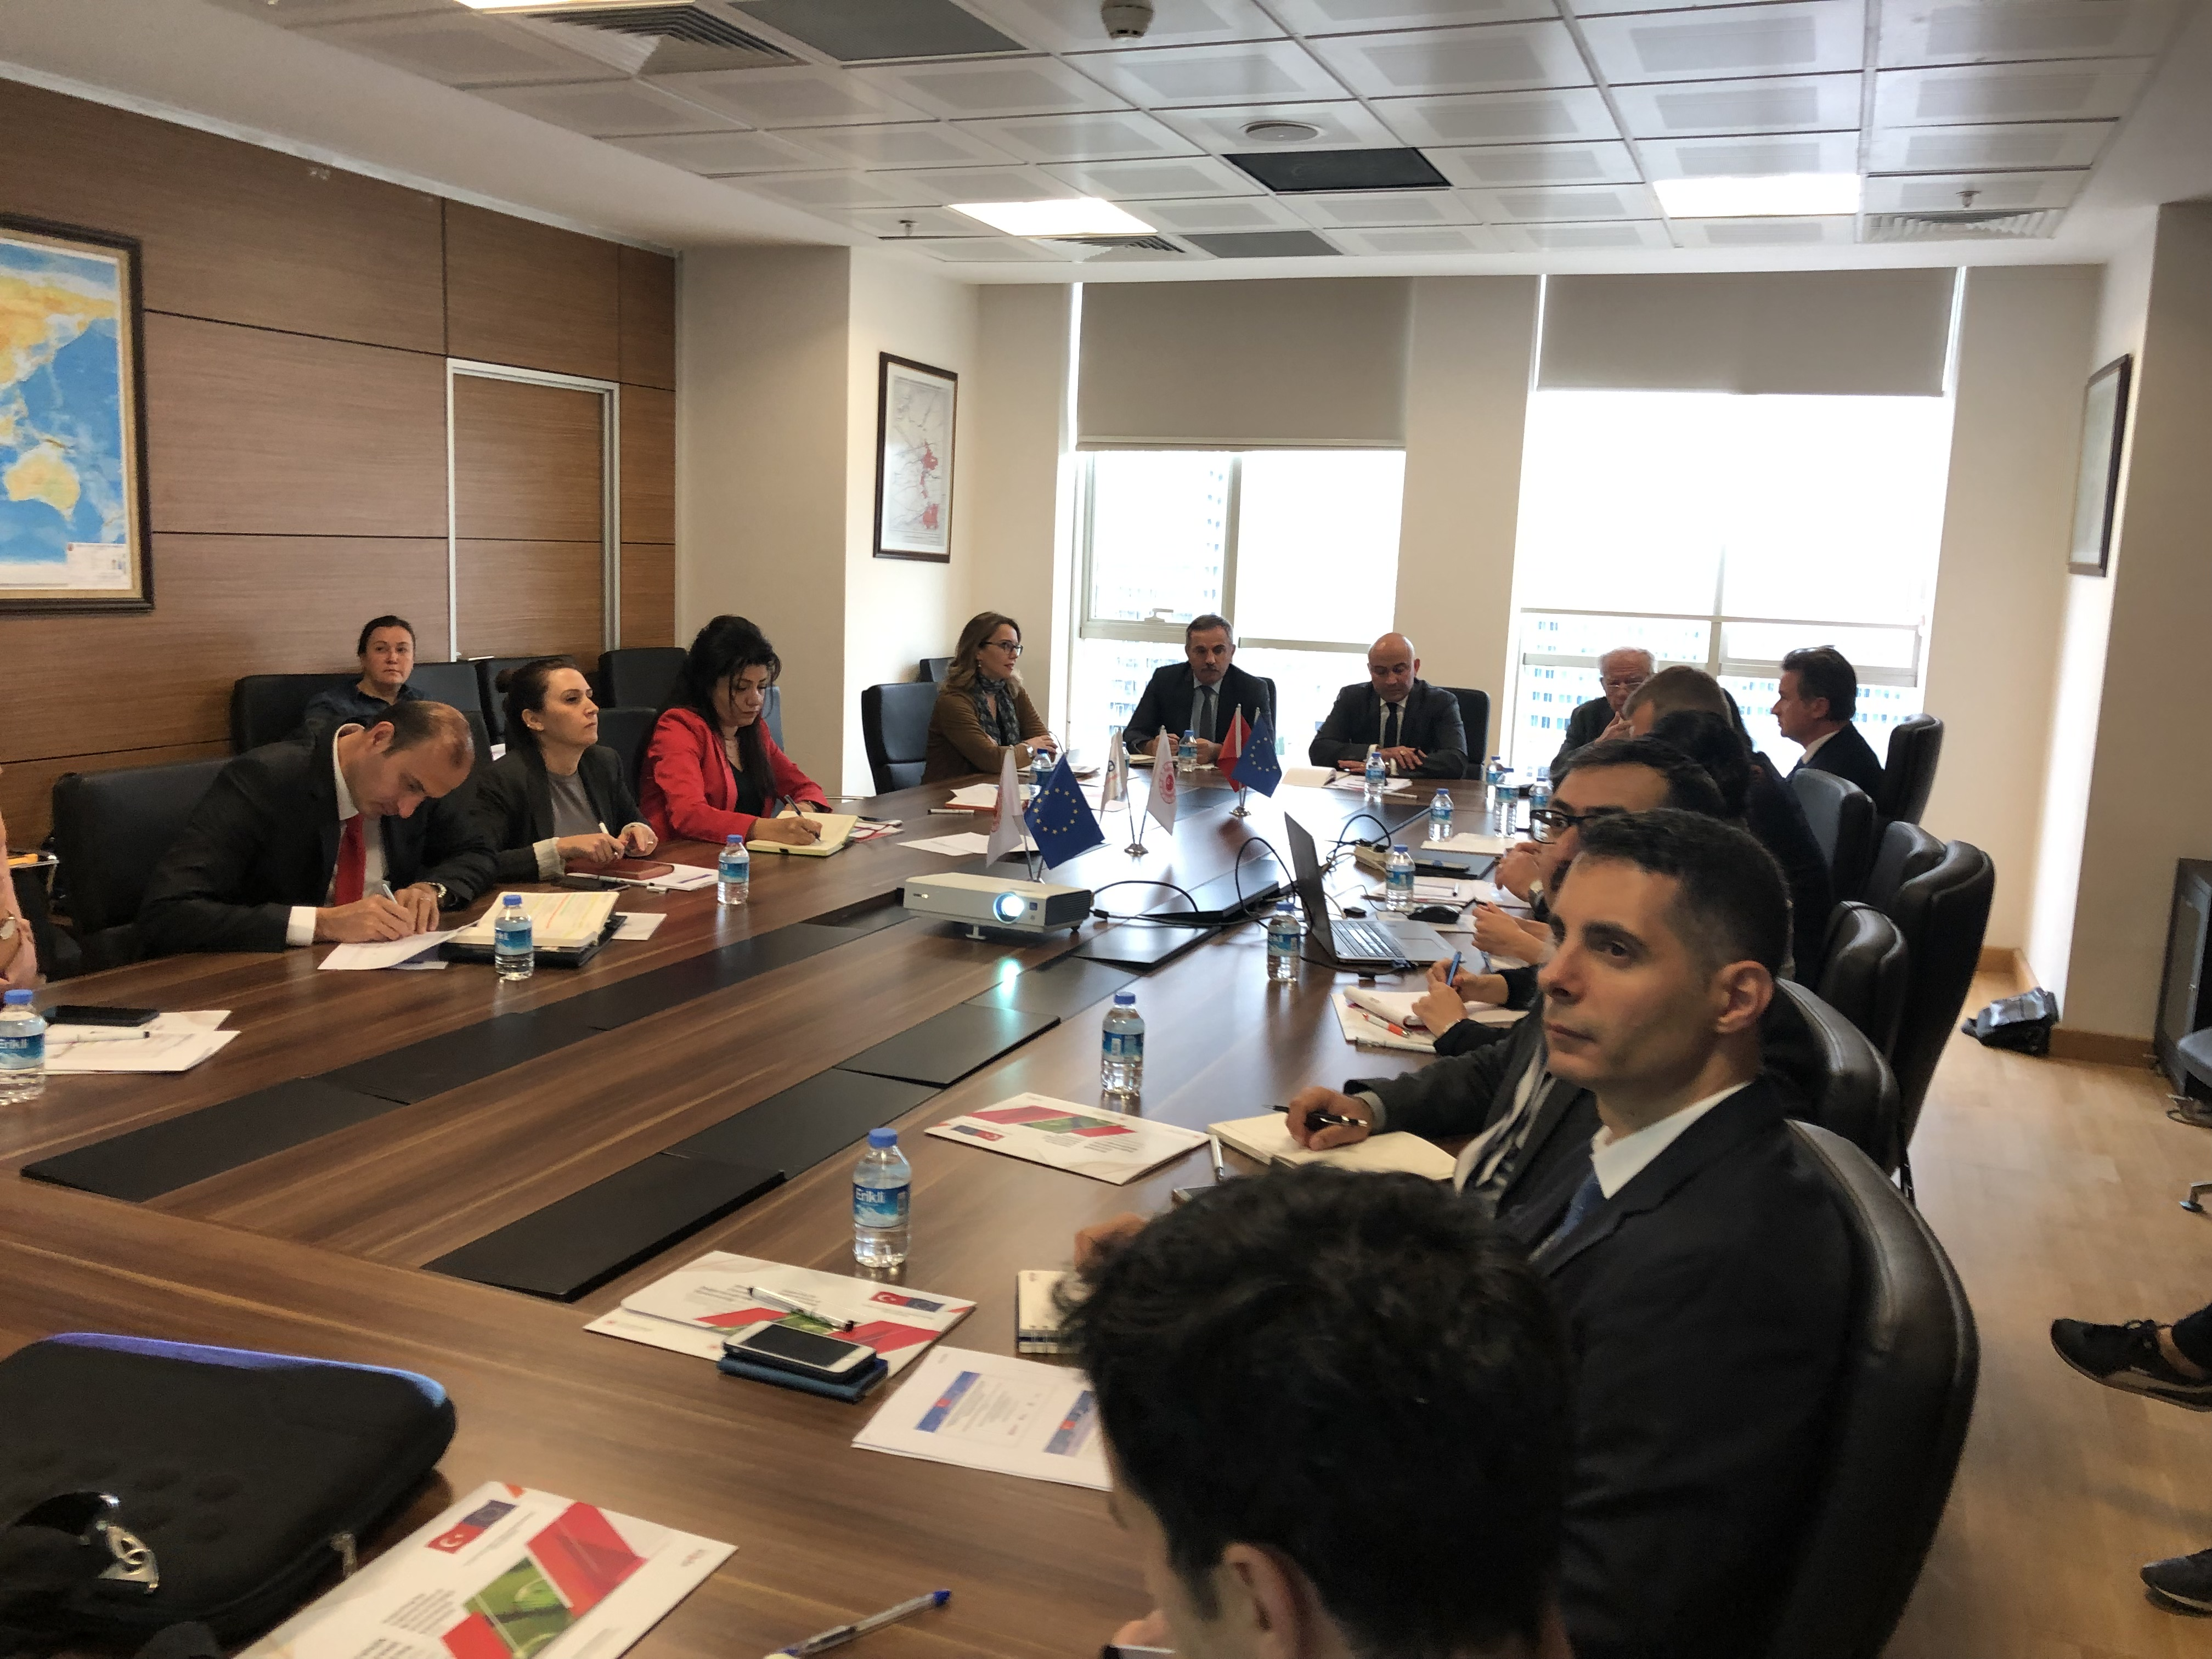 Edirne-Kırklareli-Tekirdağ Bütünleşik Kıyı Alanları Yönetim Planları SÇD Pilot Çalışması 2.Çalışma Toplantısı